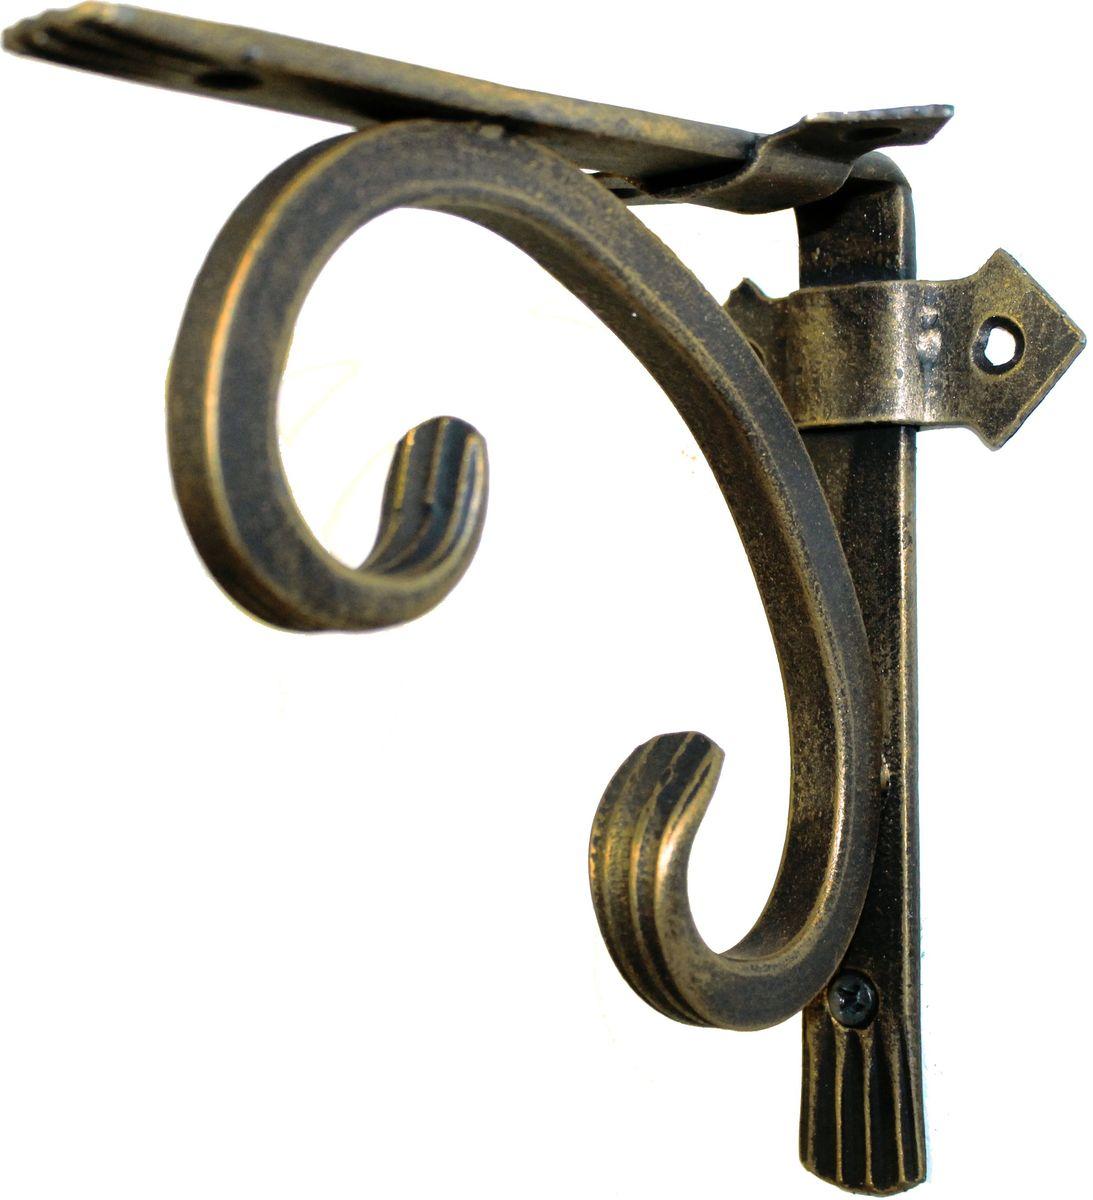 Держатель кованный для кашпо AVMmetall, цвет: черный, бронзовый. 150-bl-br391602Кованный держатель для кашпо AVMmetall, изготовленный из высококачественной стали, декорирован патиной. Изделие станет прекрасным украшением вашего сада. С его помощью вы сможете расположить корзину с цветами, а также установить полку в любом удобном месте: на даче, участке, на городском балконе и в других местах.Такой держатель с годами не потеряет своей привлекательности. При правильном монтаже выдерживает статичную нагрузку до 150 кг. Размер держателя (ДхШ): 15 х 15 см.